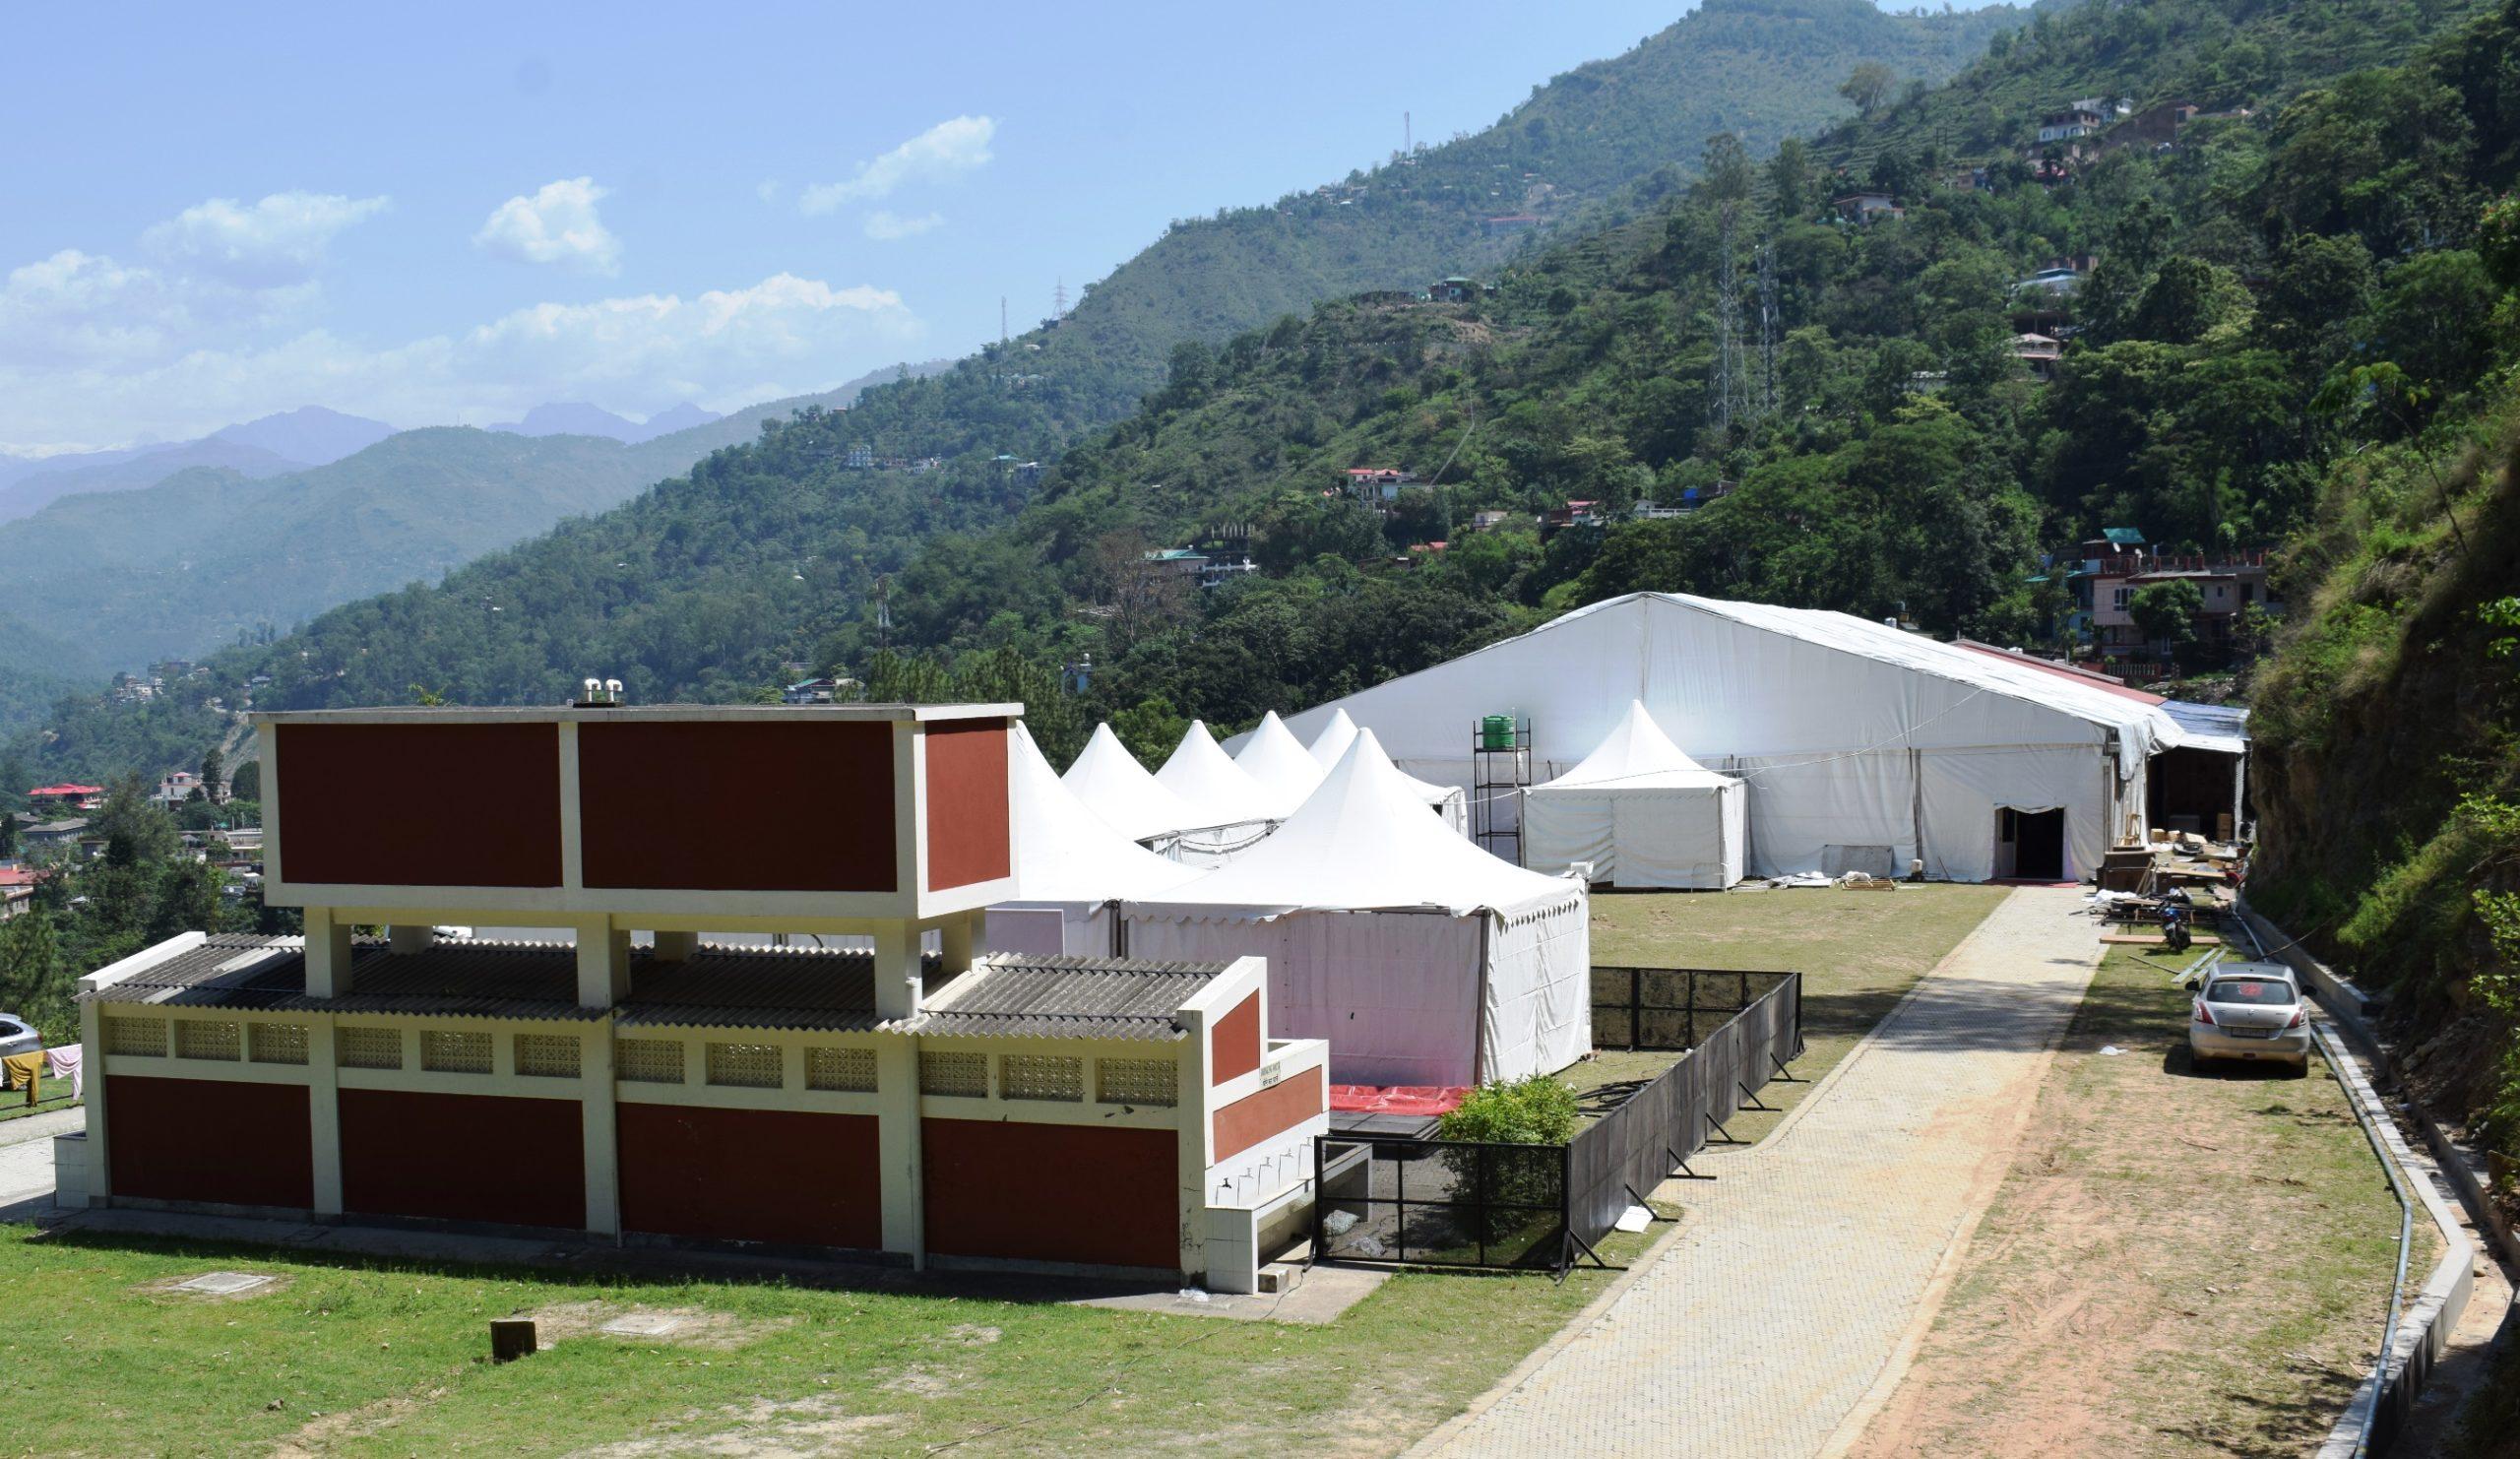 हिमाचल में 3 माह में बिस्तर क्षमता को 837.3 % बढ़ाया, स्वास्थ्य संस्थानों की संख्या में  427.3 % तक हुई बढ़ौतरी